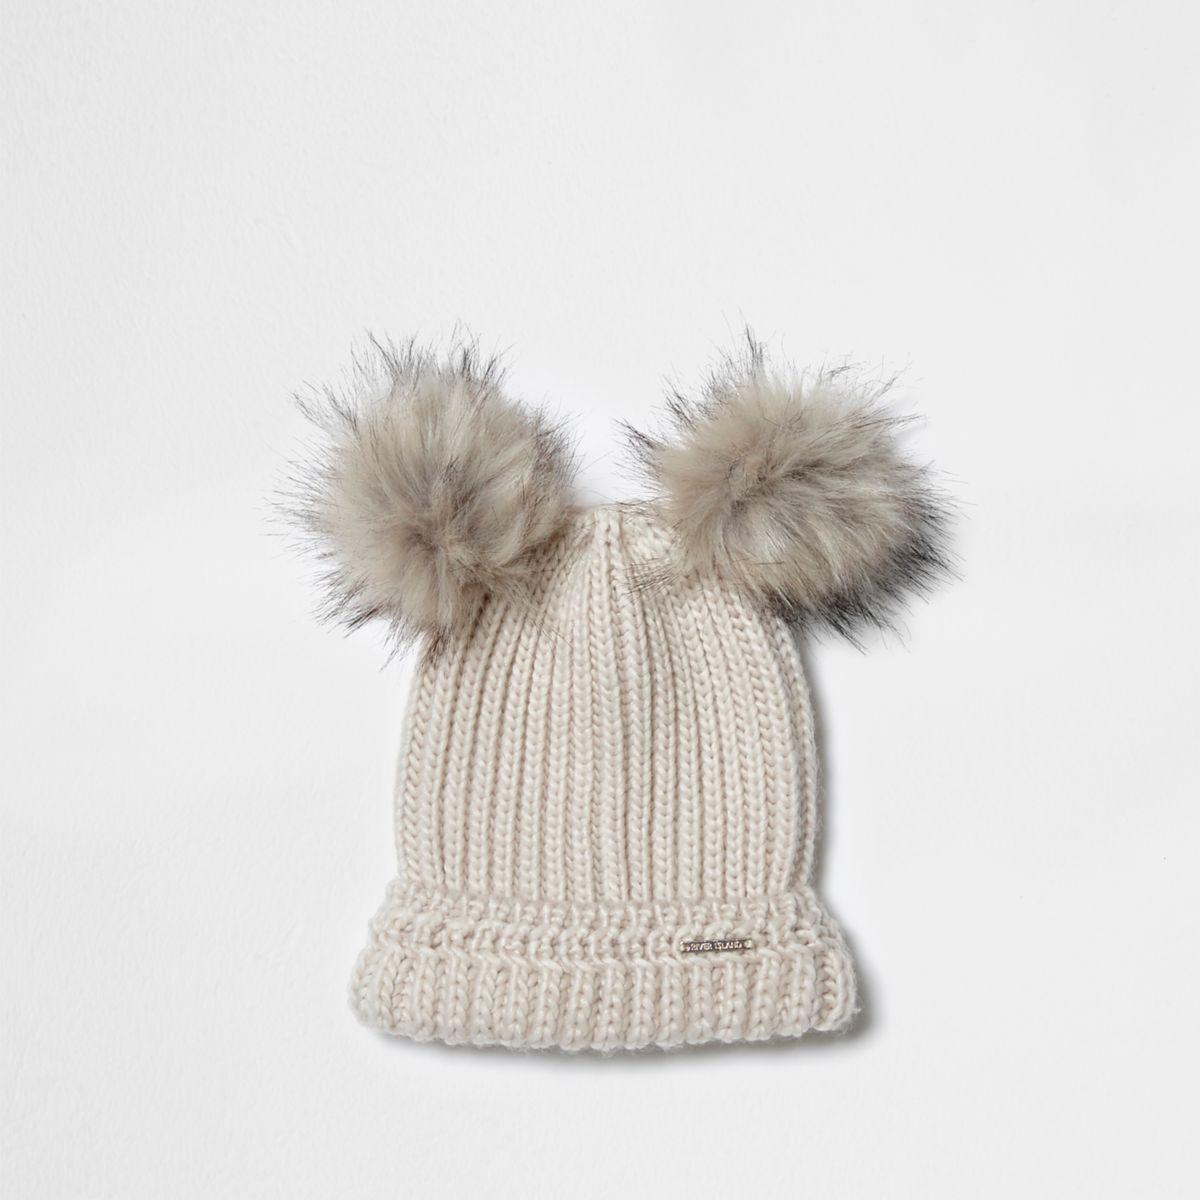 Cream double bobble knit beanie hat